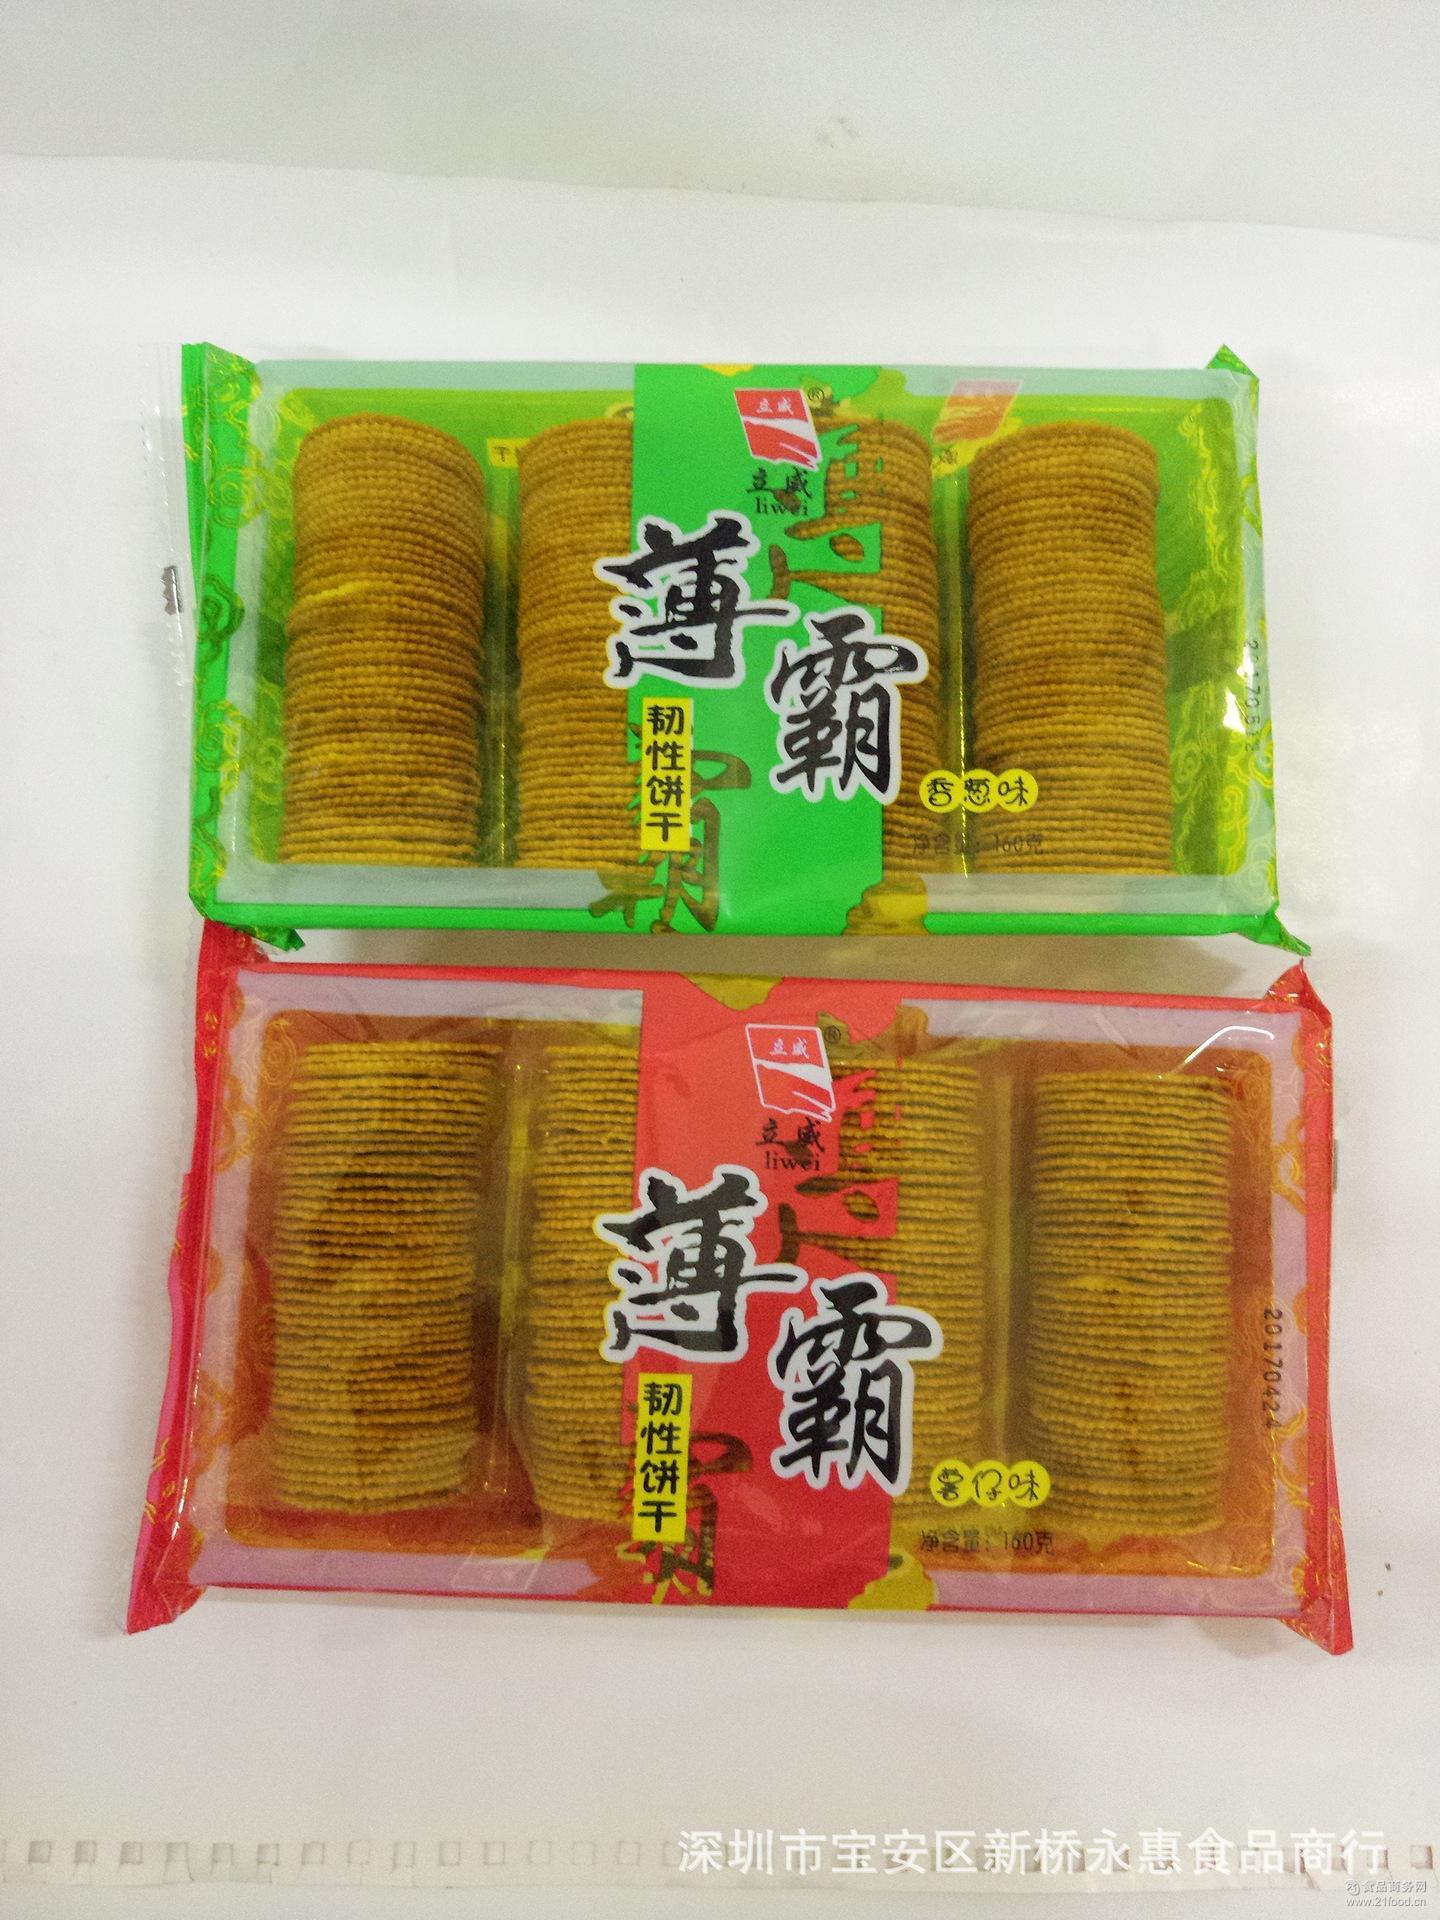 立威160g薄霸香脆薄饼干多味休闲零食广东深圳食品批发量大优惠